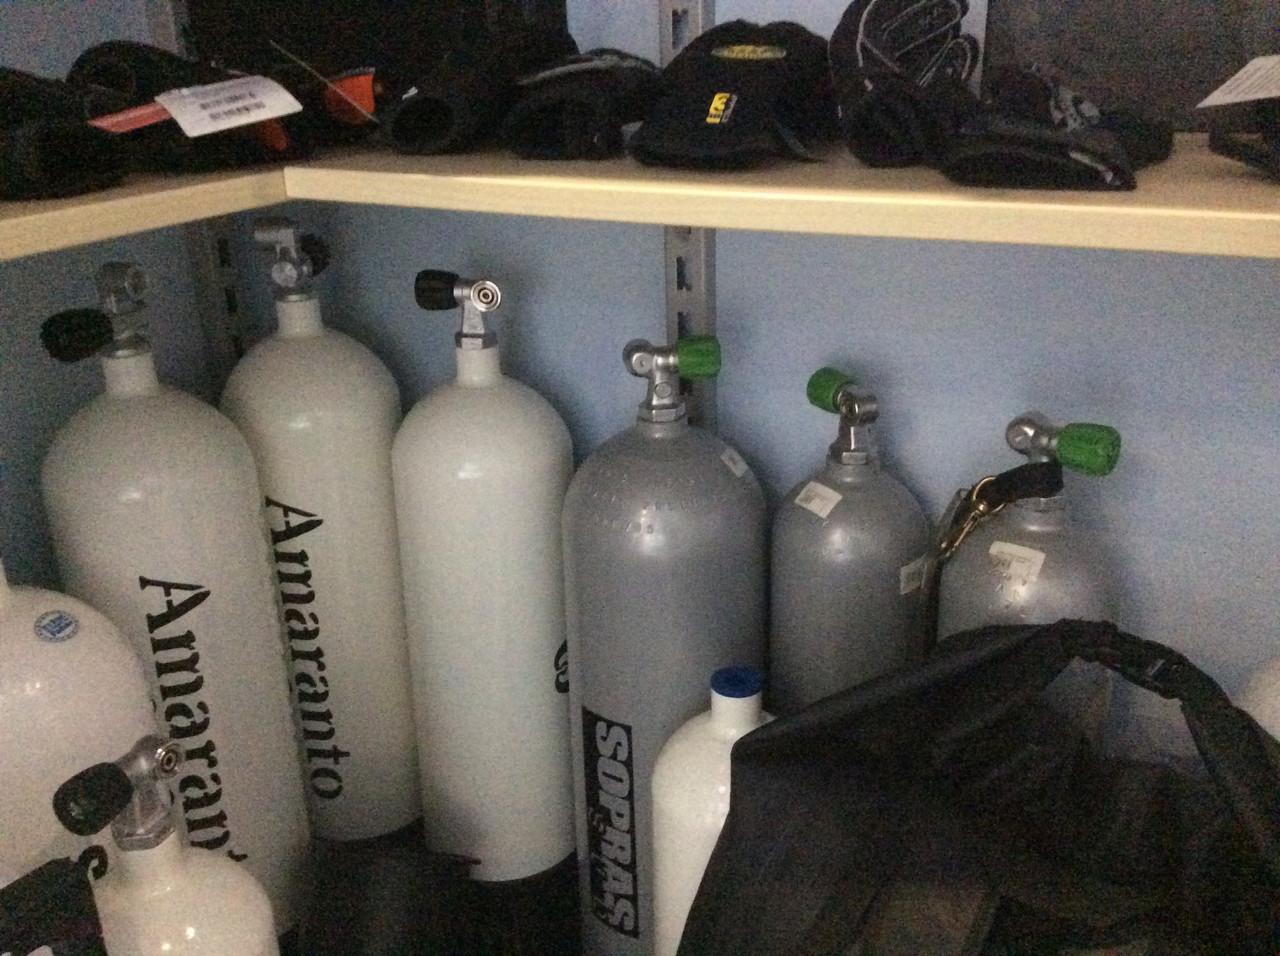 """Баллон для дайвинга Sopras 12 литров 200 bars одновентельный - Интернет-магазин товаров для дайвинга """"Diving-shop"""" в Киеве"""